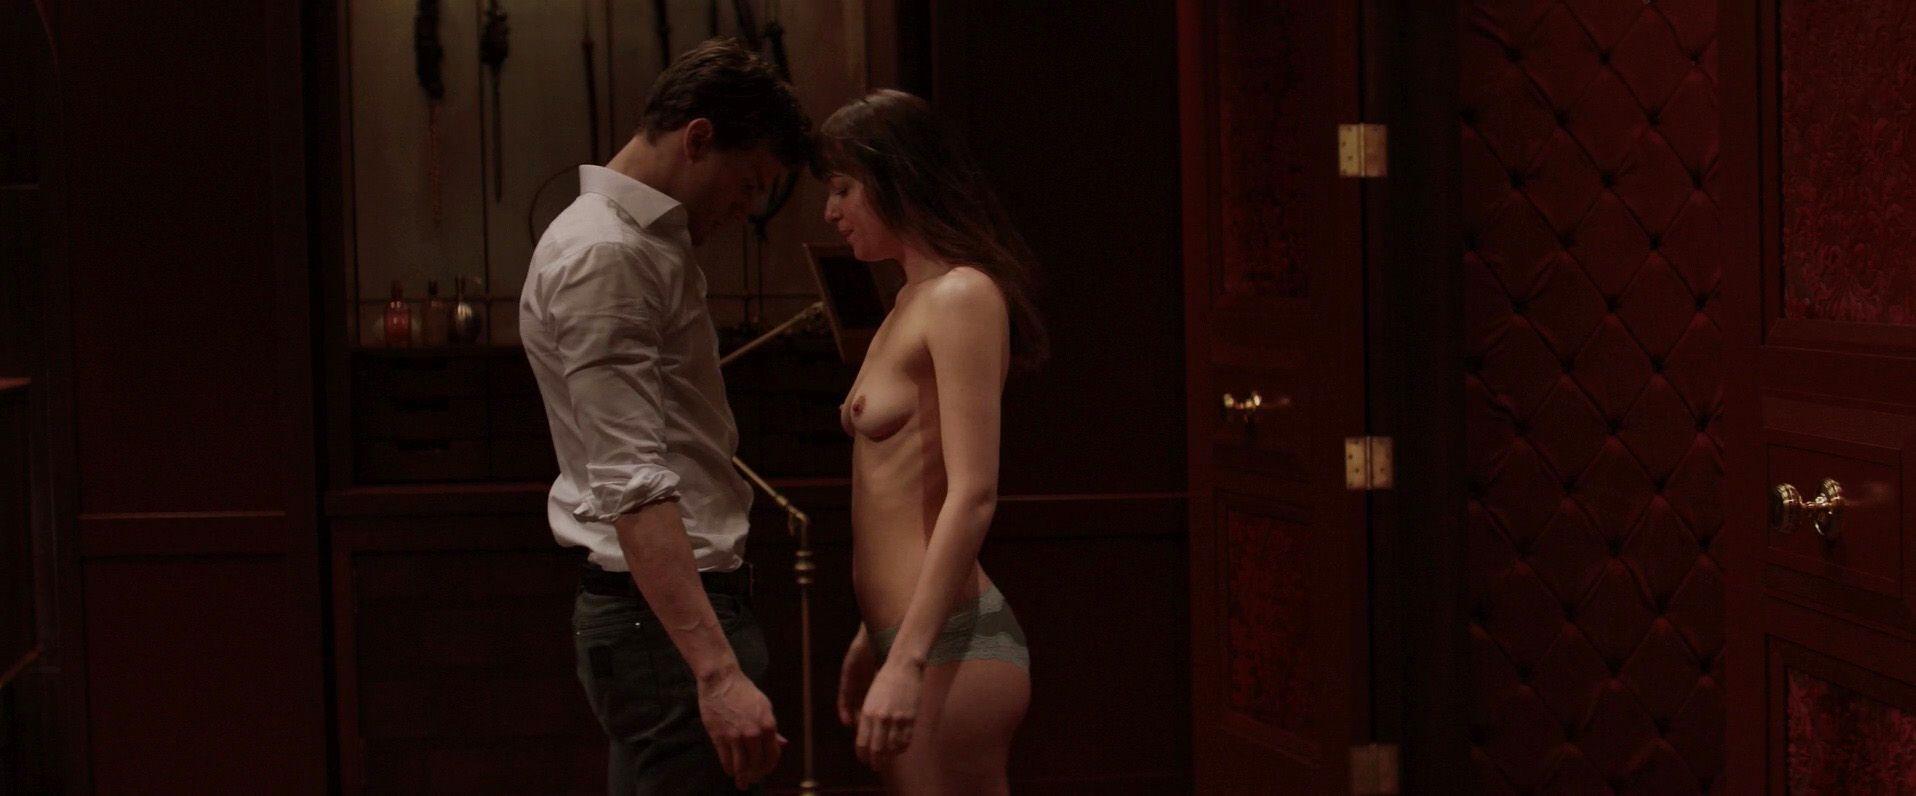 Dakota johnson photos nude naked